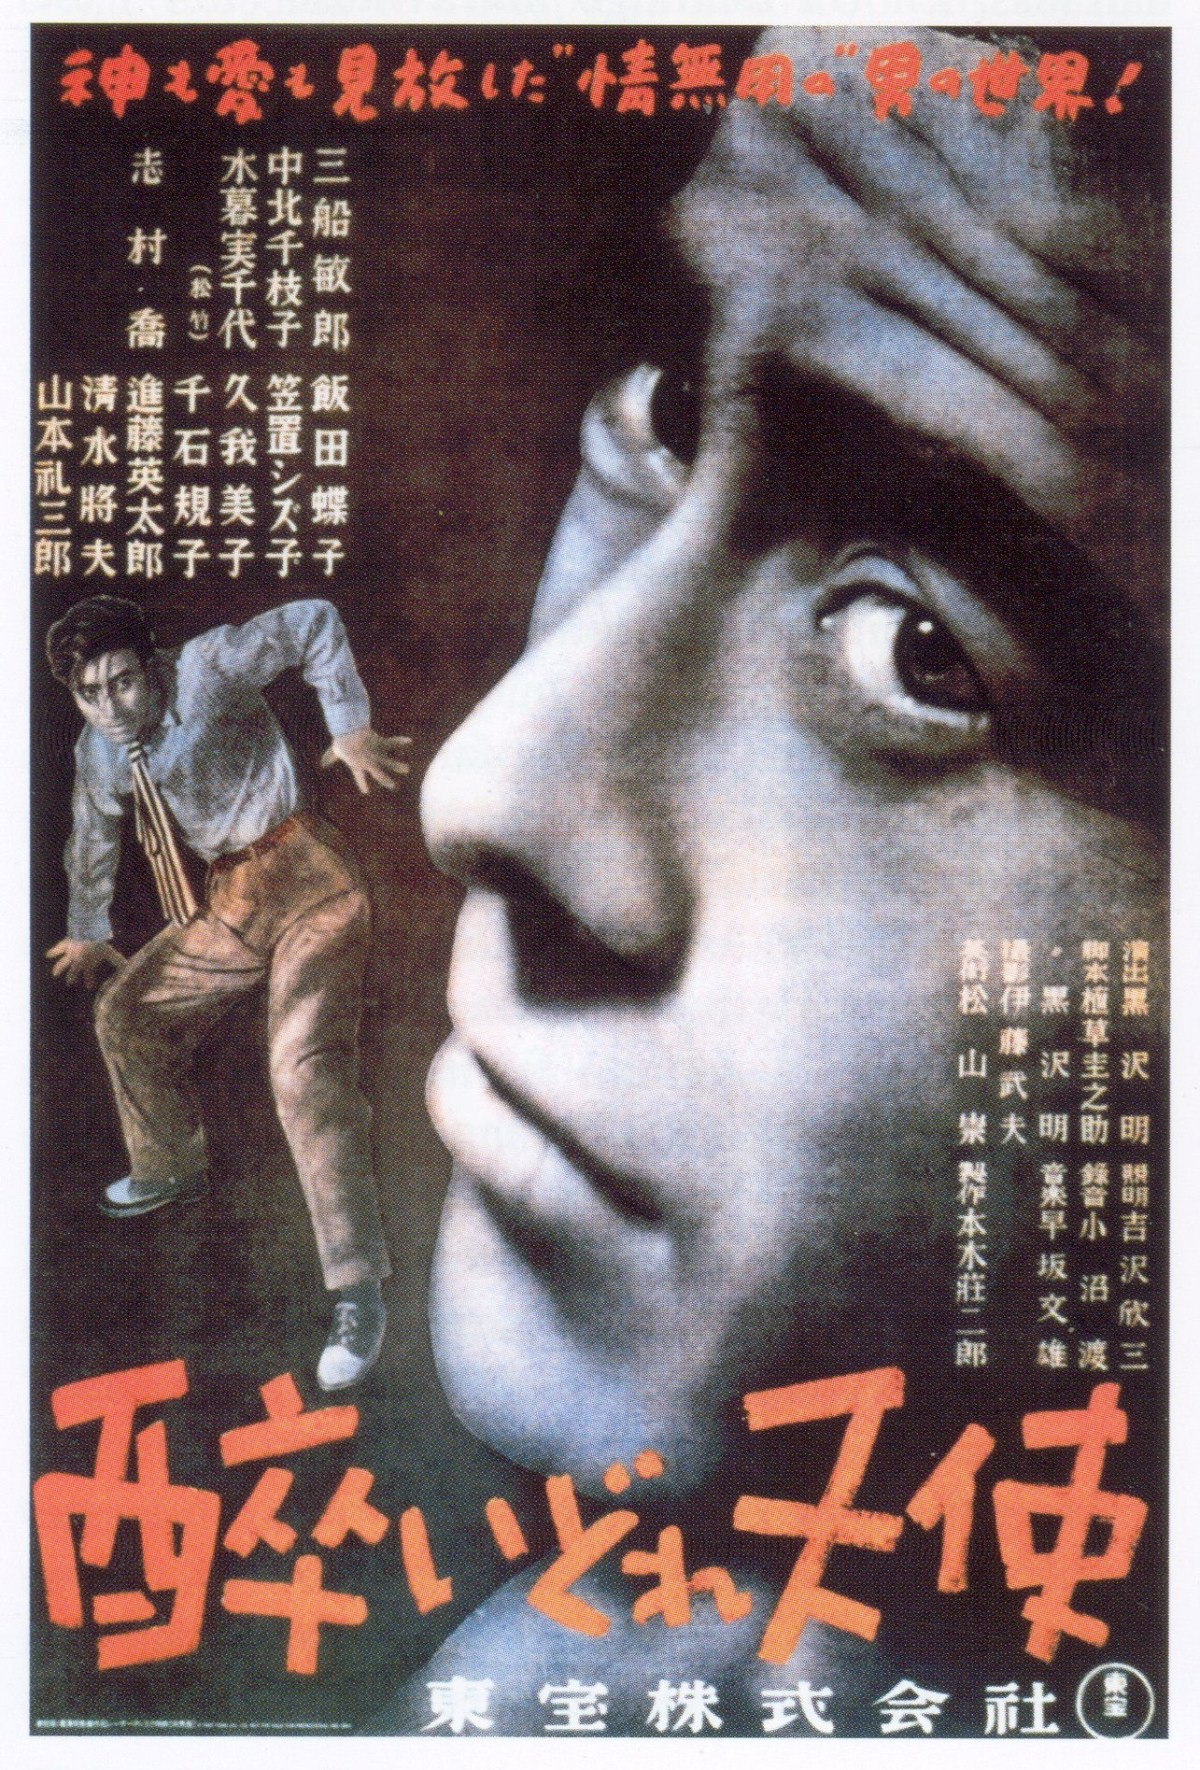 Affiche du film L'ANGE IVRE